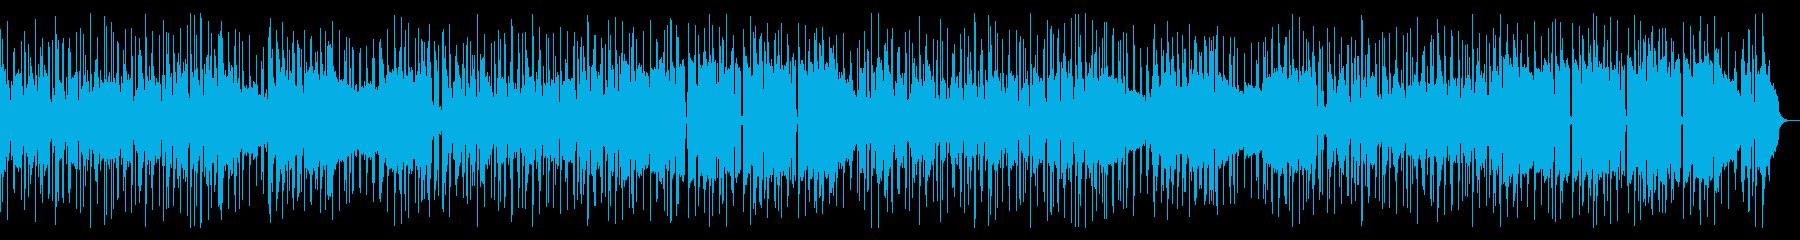 スタイリッシュなファンキーR&Bの再生済みの波形